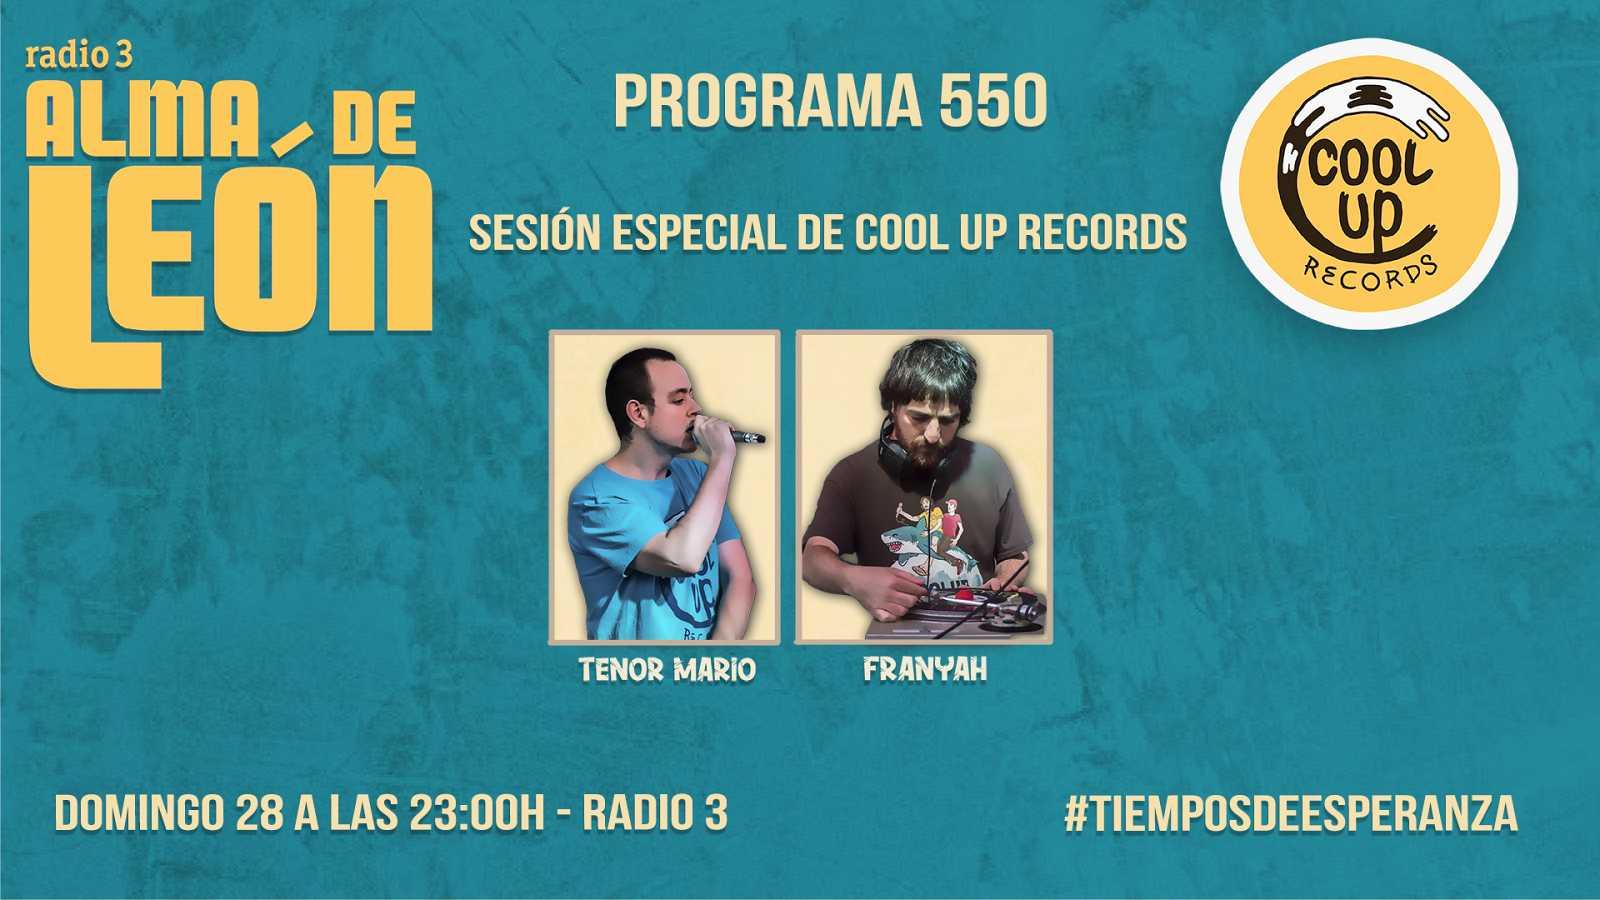 Alma de león - Sesión COOL UP RECORDS: En el Coronil saben lo que hacen - 28/06/20 - escuchar ahora